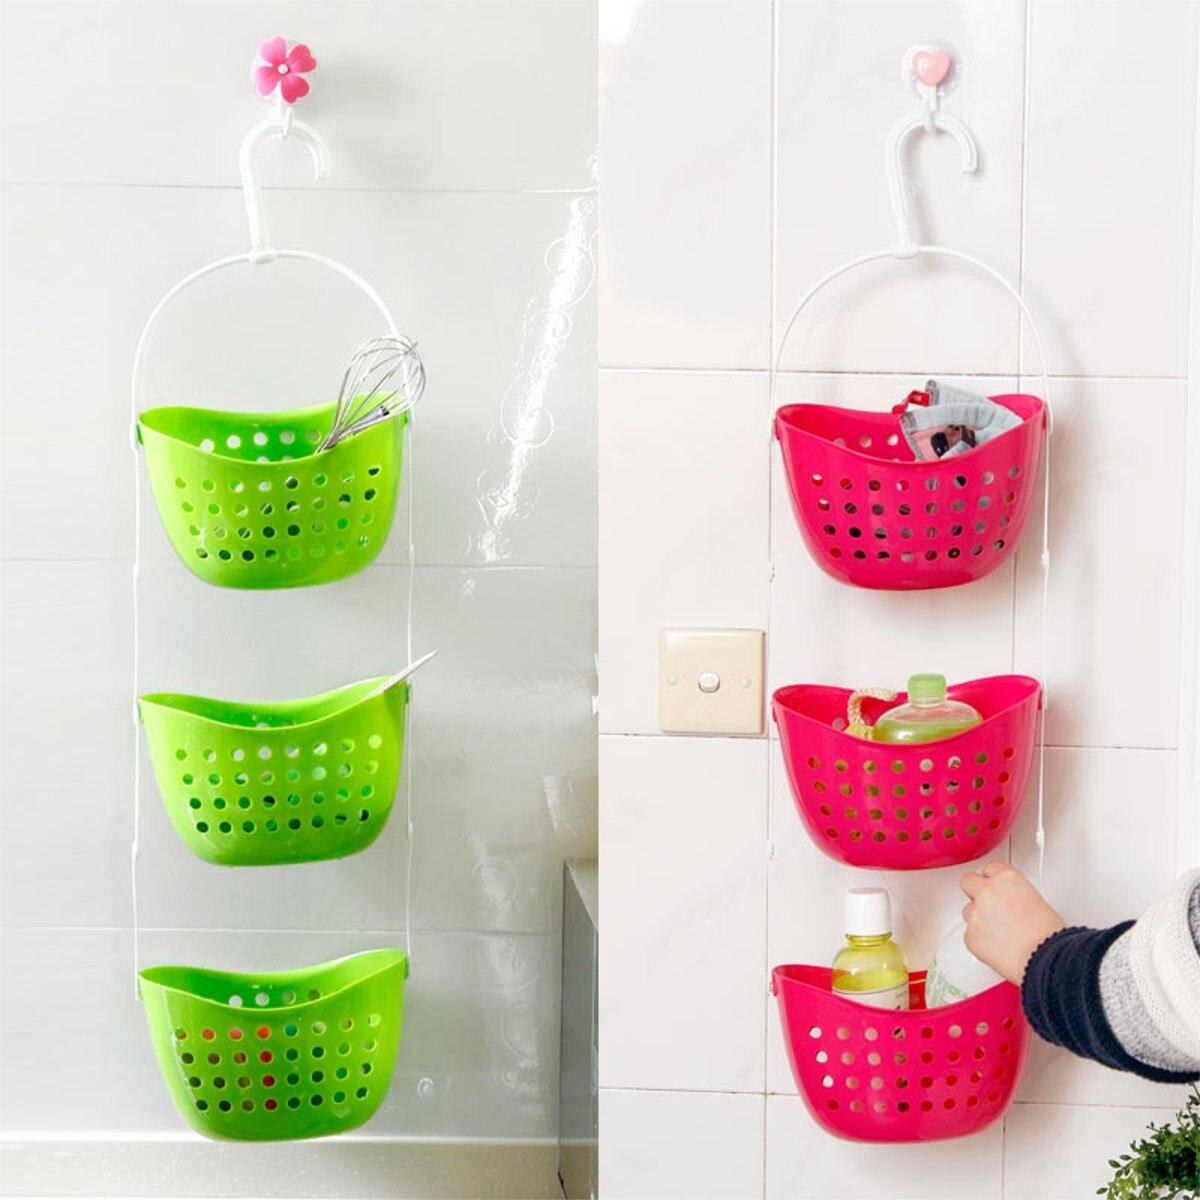 3pcsset shower bathroom hanging basket caddy plastic rack kitchen organizer storage container space